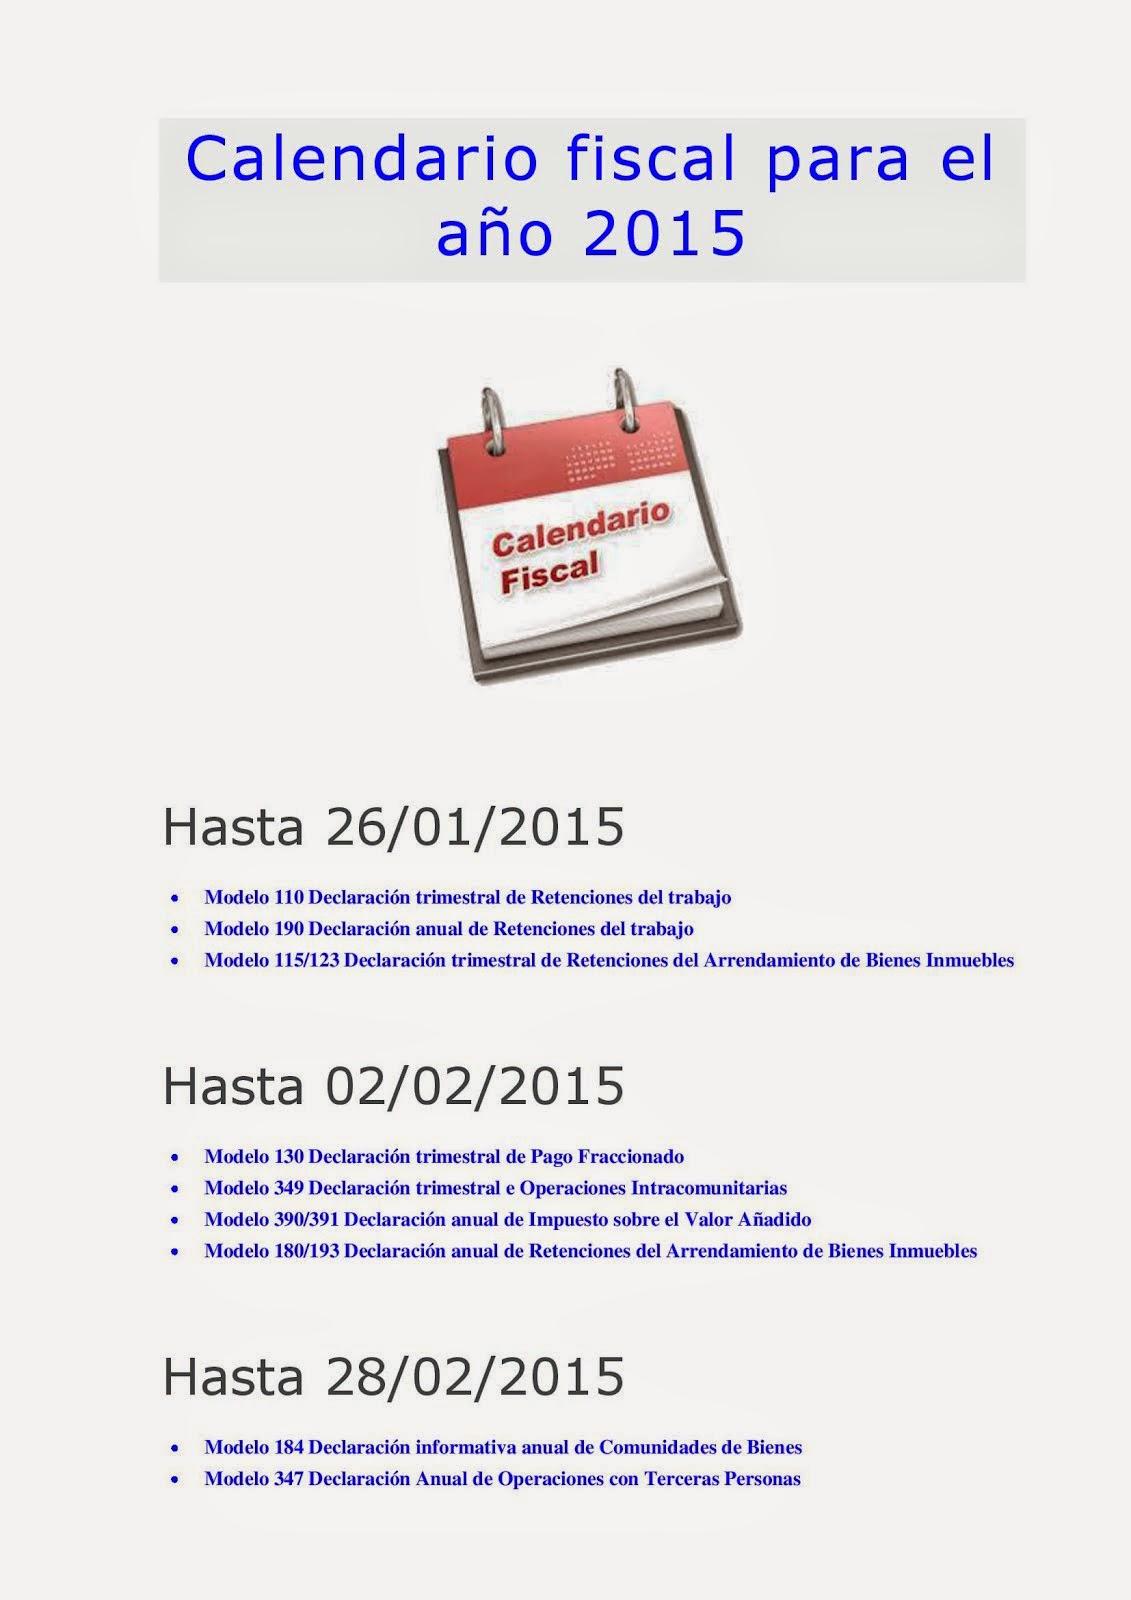 calendario fiscal 2015